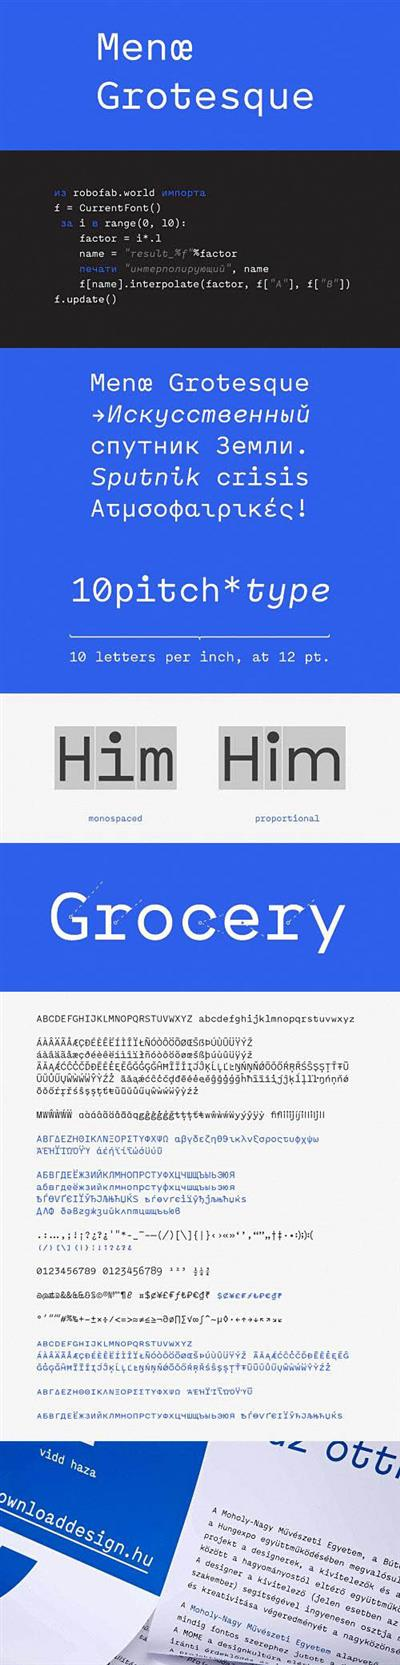 Font - Menoe Grotesque